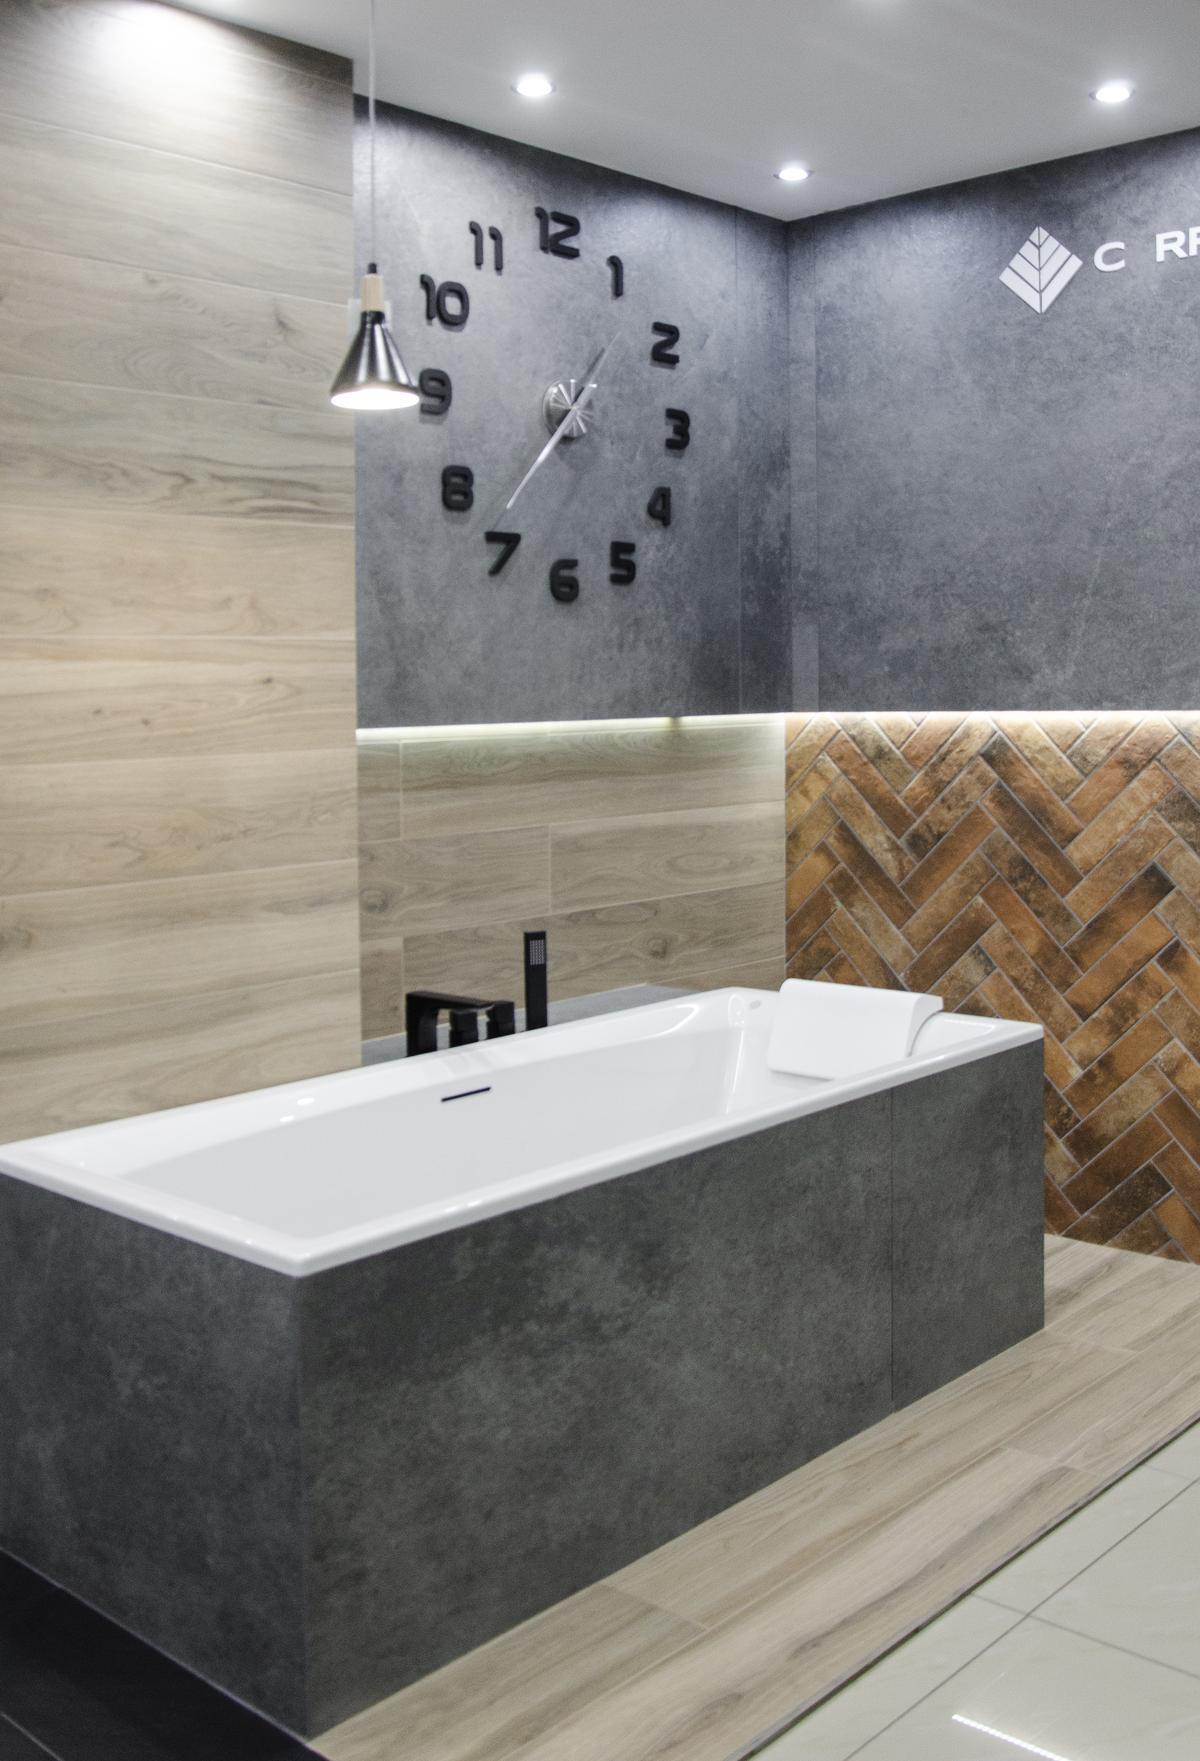 Industrialna aranżacja łazienki z wanną w zabudowie - zdjęcie od BLU salon łazienek Grudziądz